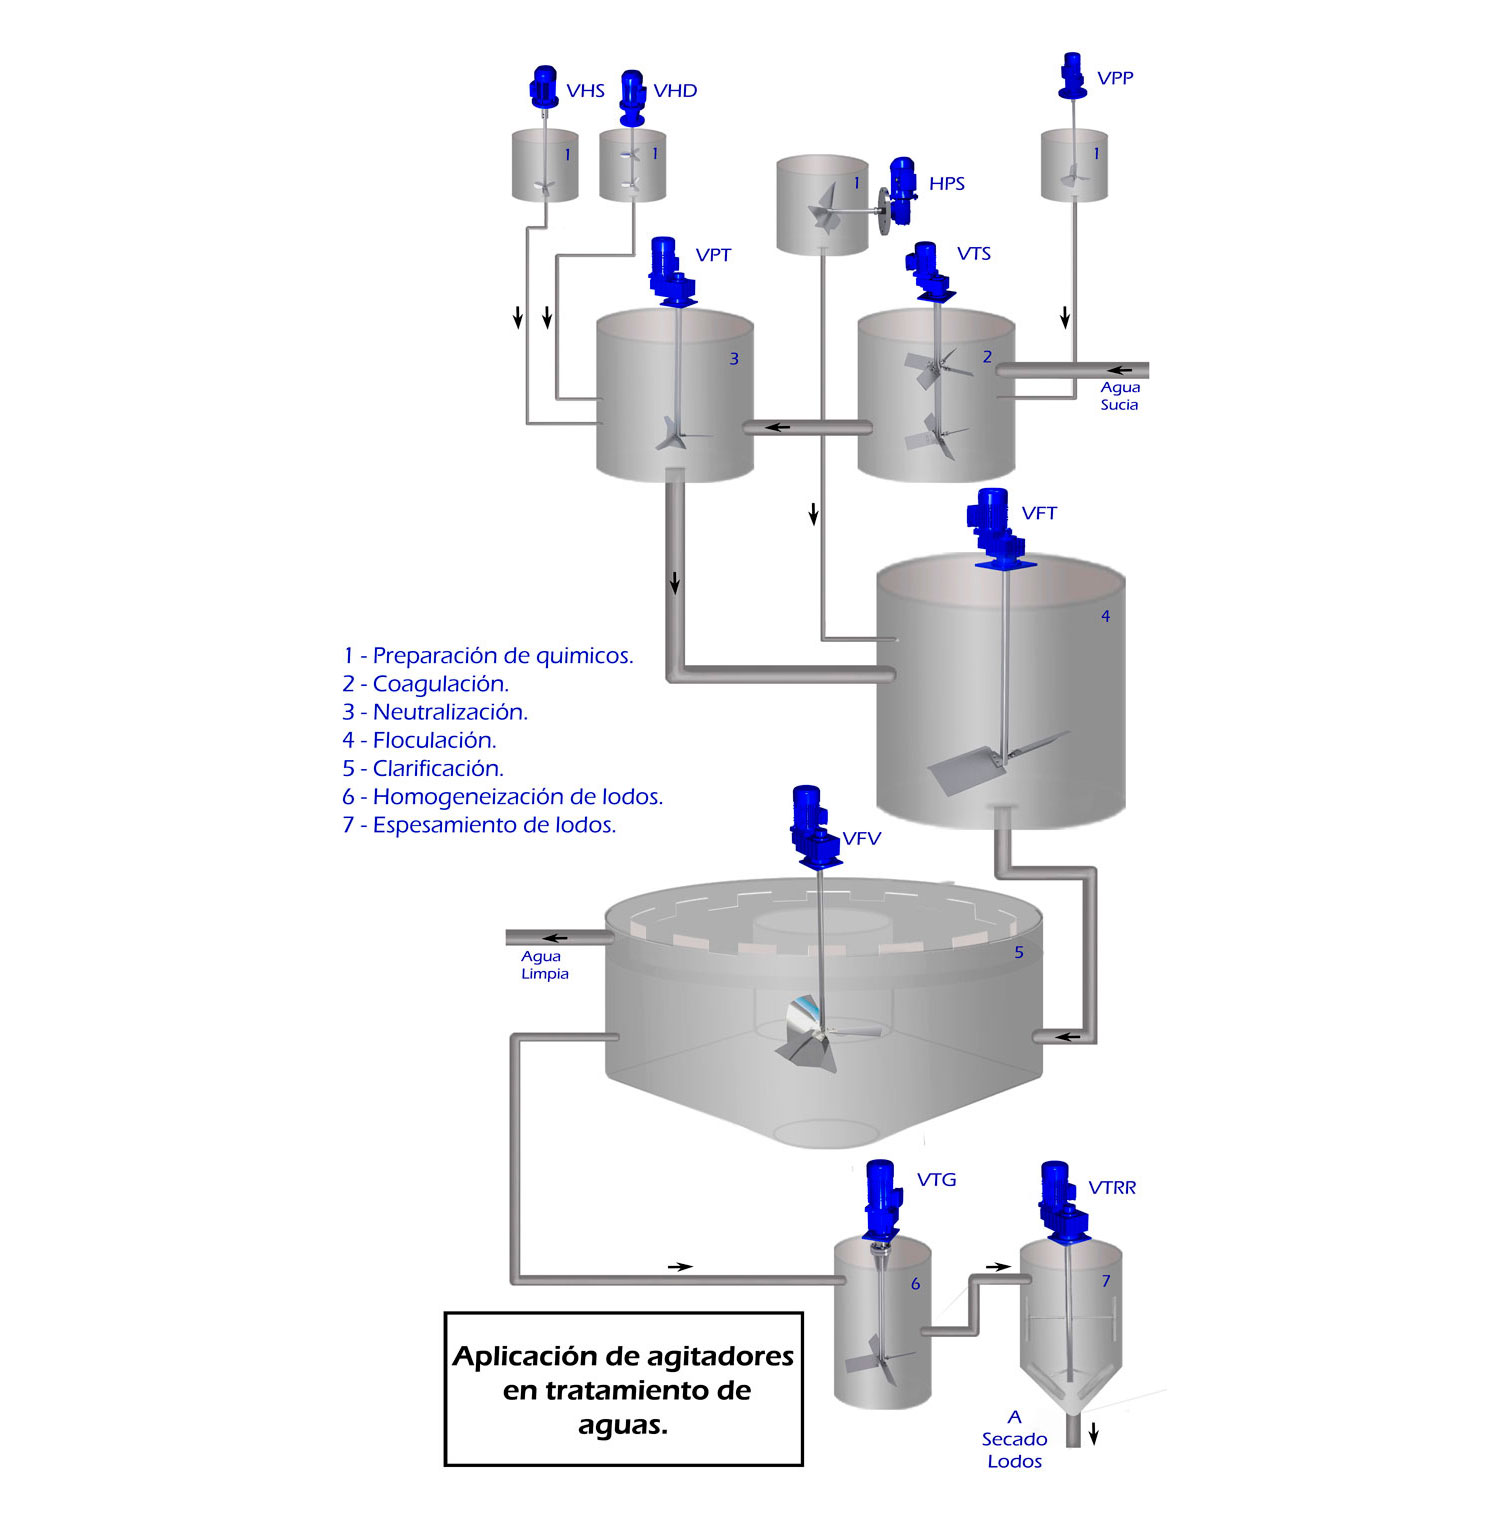 Agitadores tratamientos aguas